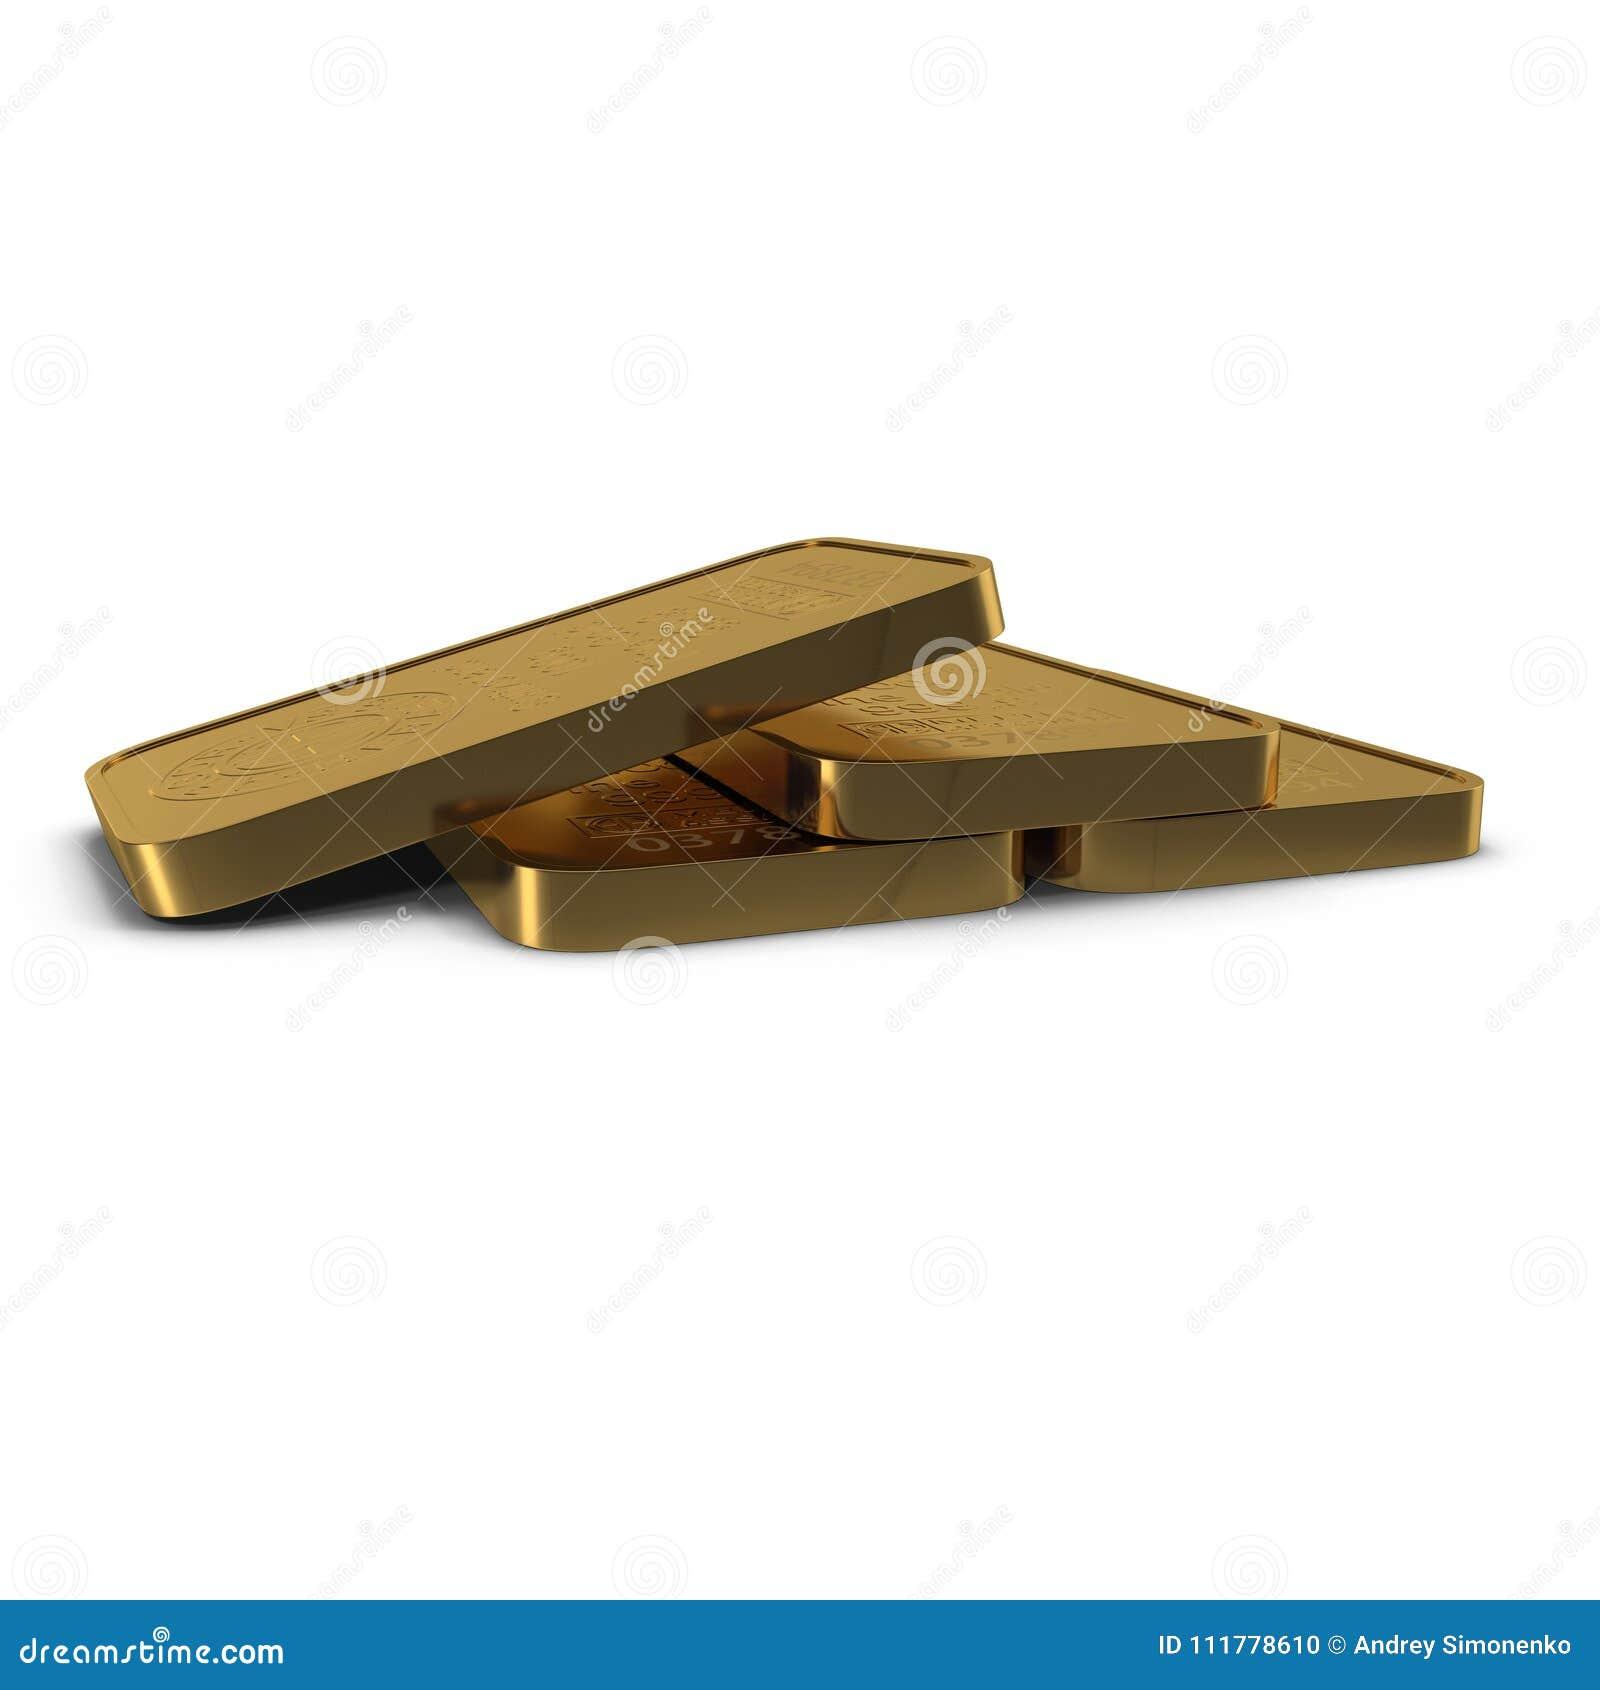 Barra de oro 100g aislada en blanco ilustración 3D